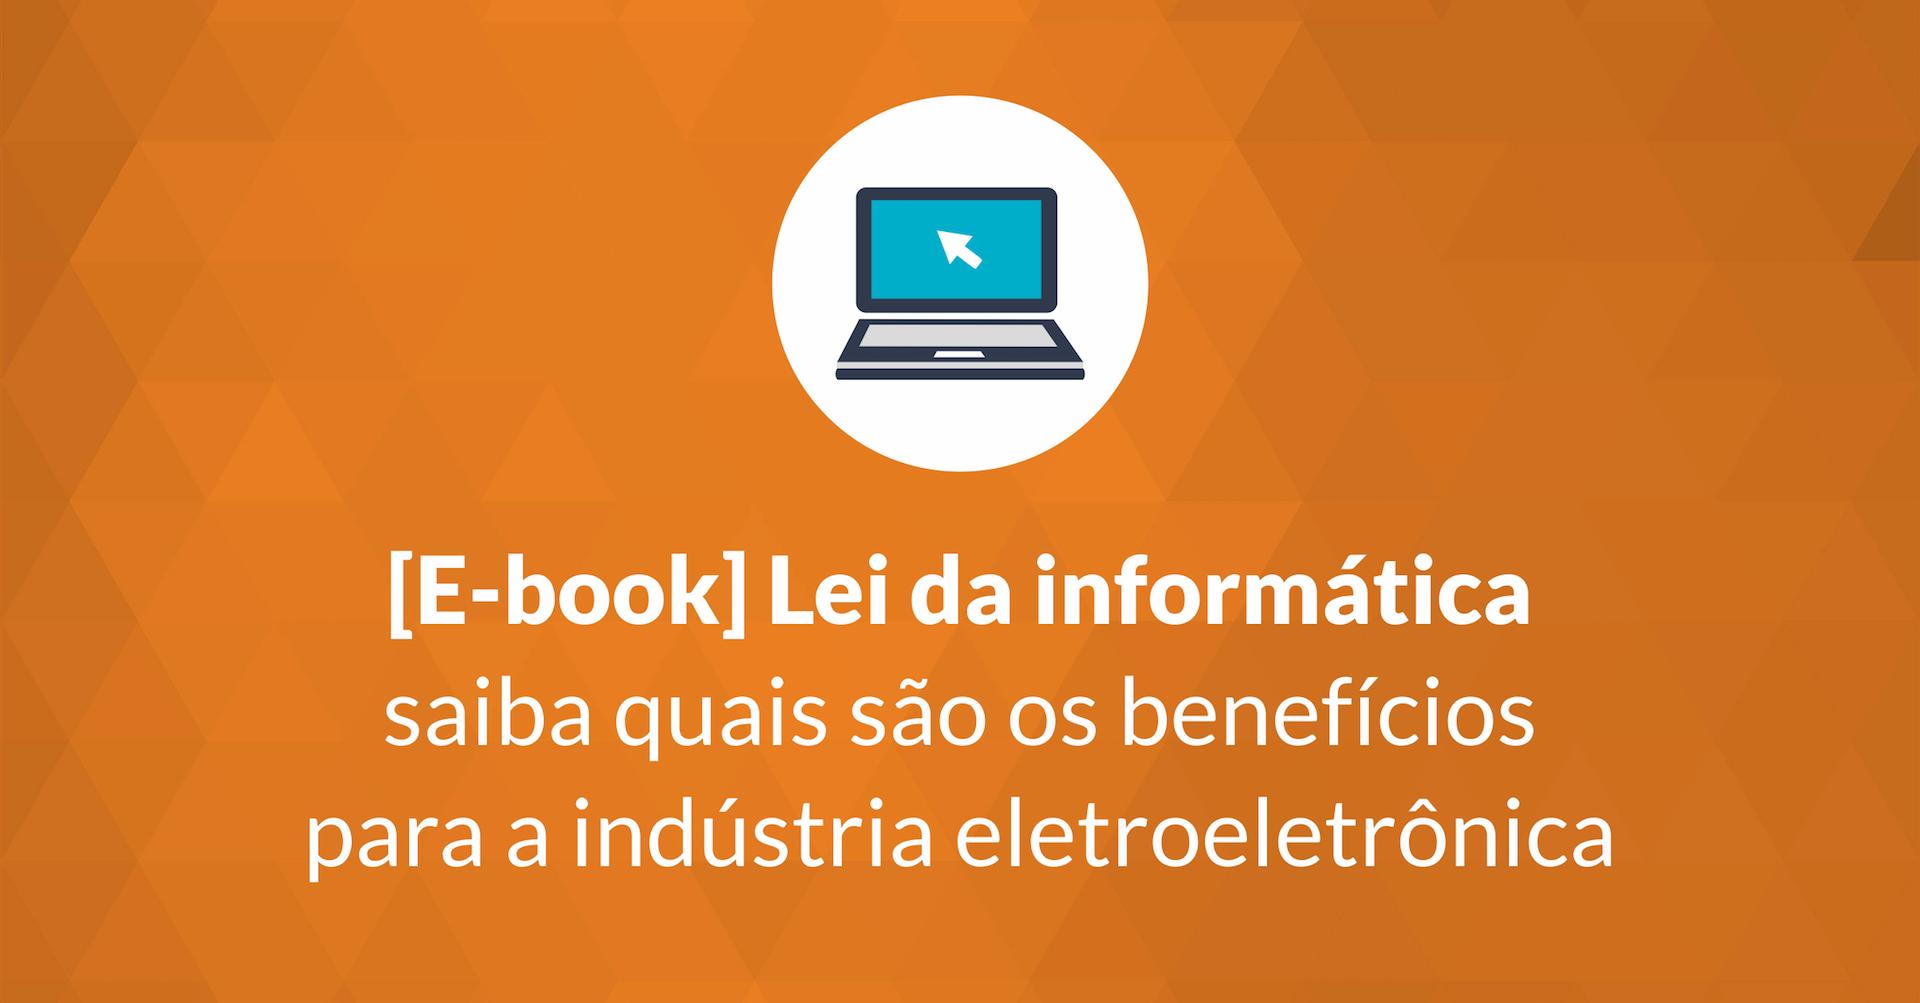 lei-da-informatica02